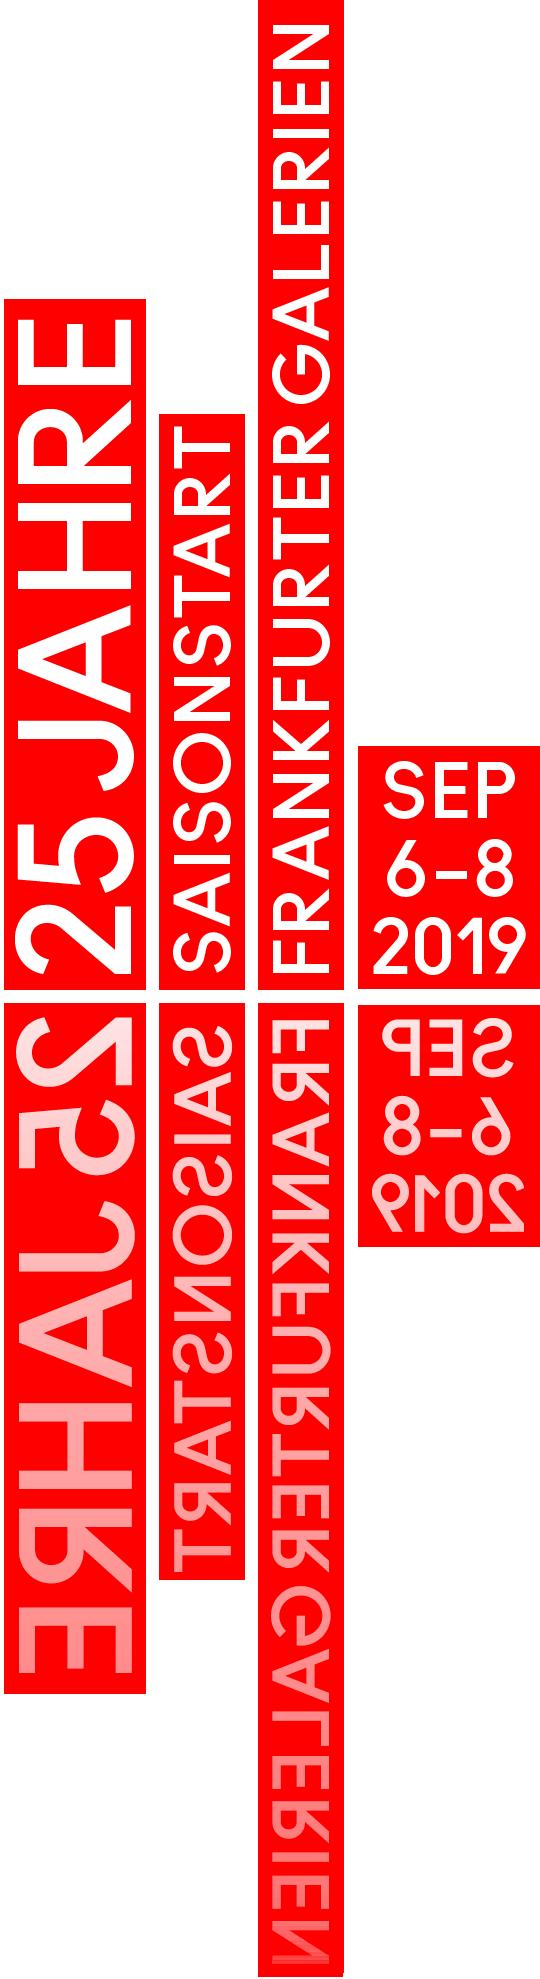 20190712-saisonstart-01.png